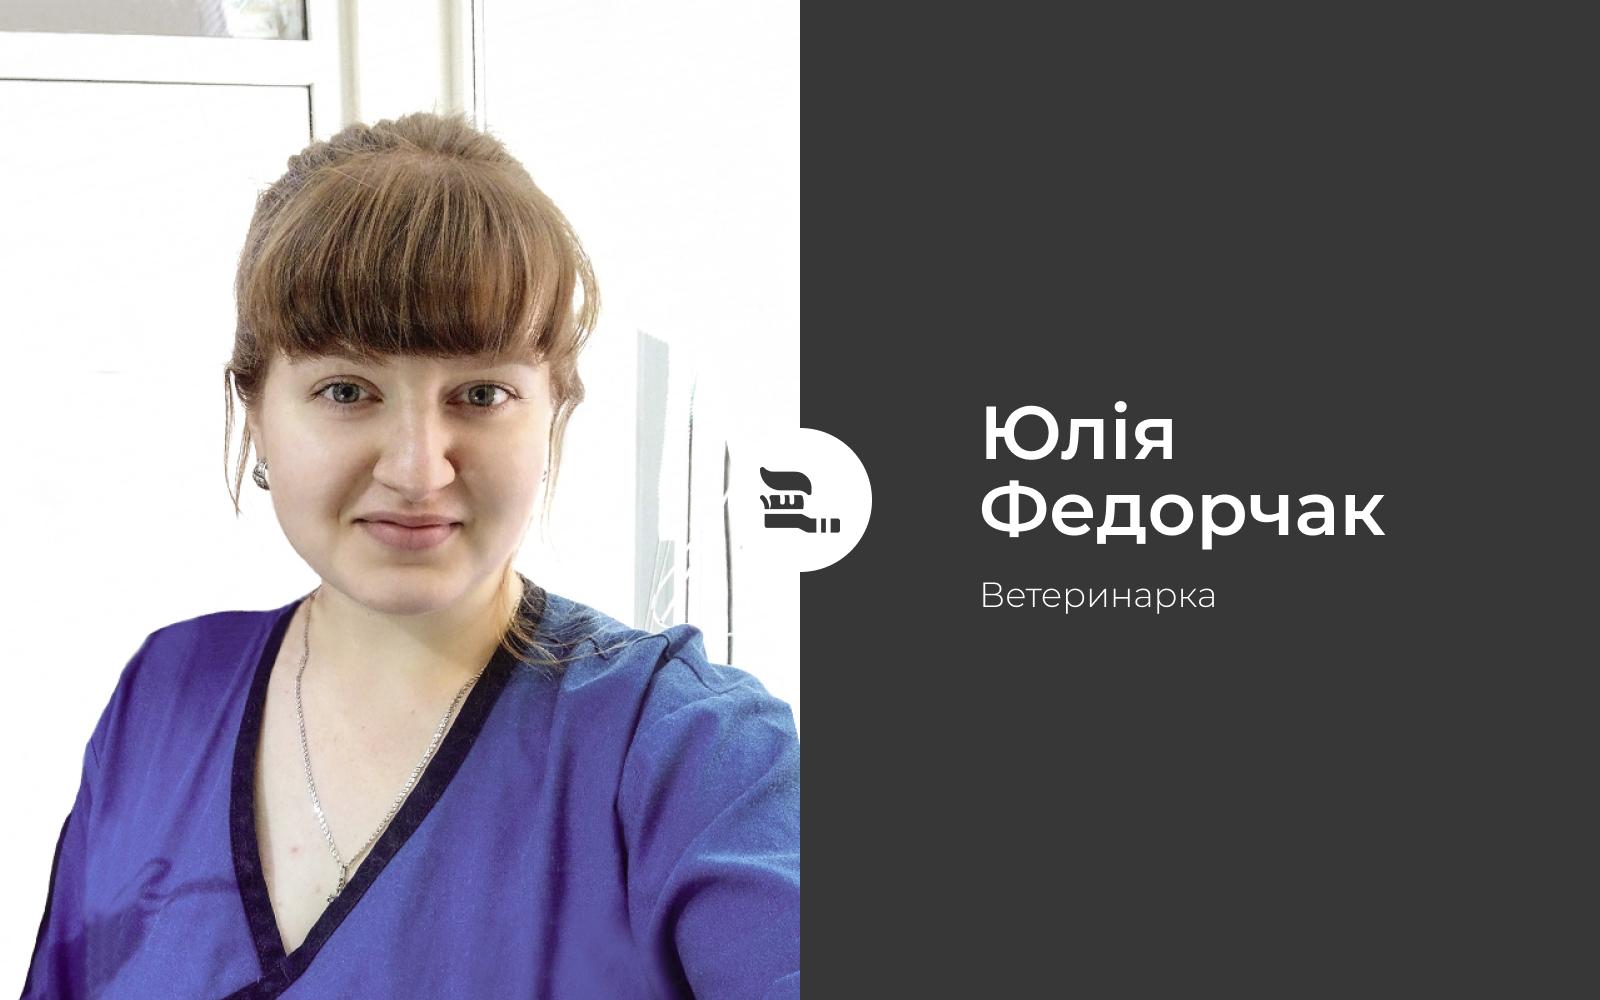 Yuliya Fedorchak 2